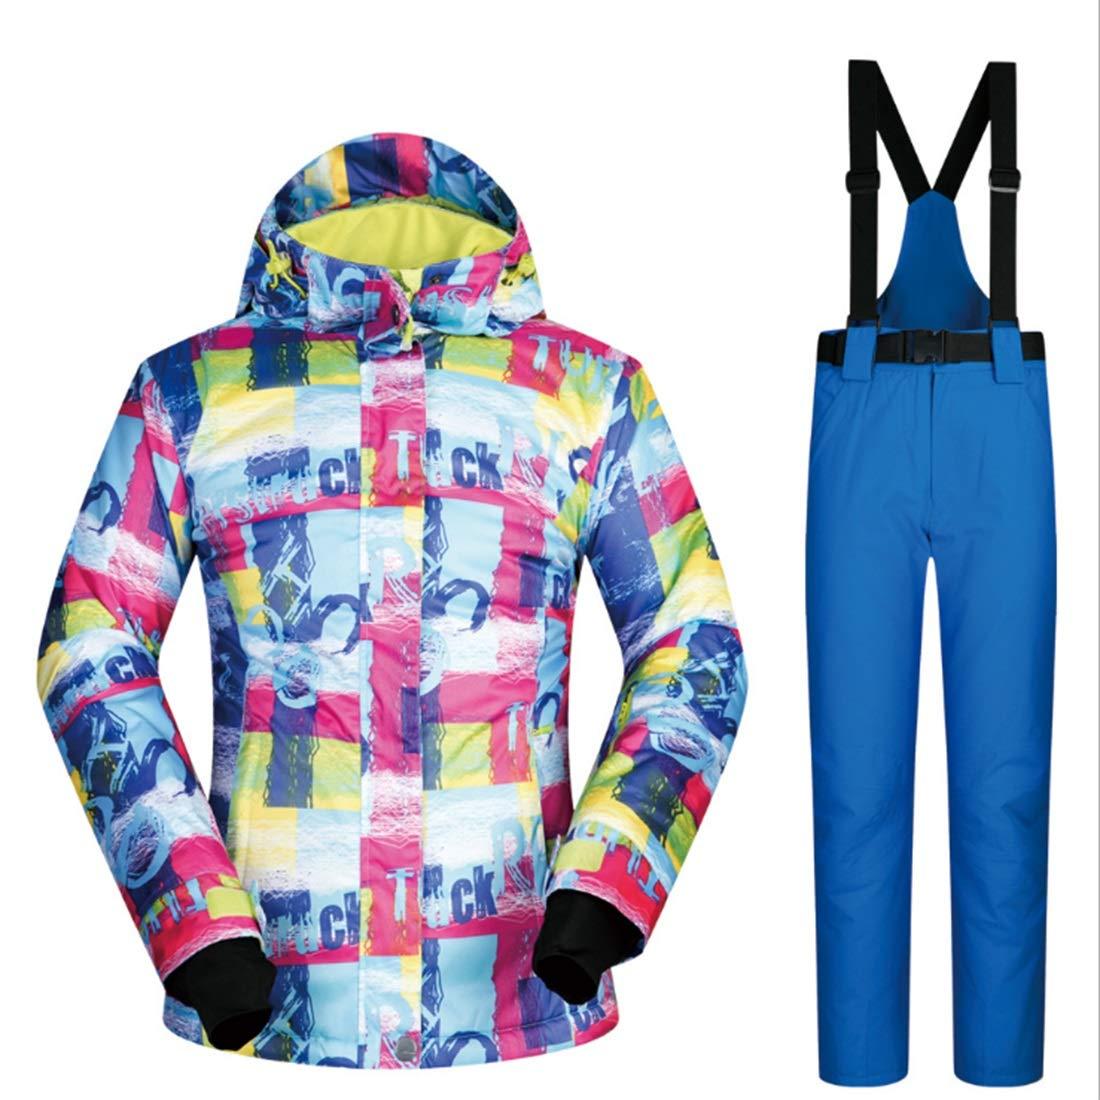 Nalkusxi Giacca Giacca Giacca da Sci da Donna Impermeabile da Snowboard Antivento per l'escursionismo all'aperto (Coloree   01, Dimensione   L)B07KX3CLJ7L 03 | Ottima selezione  | Impeccabile  | Funzionalità eccellenti  | Nuovo Prodotto 2019  | Molti stili  | Up-t 8a11db